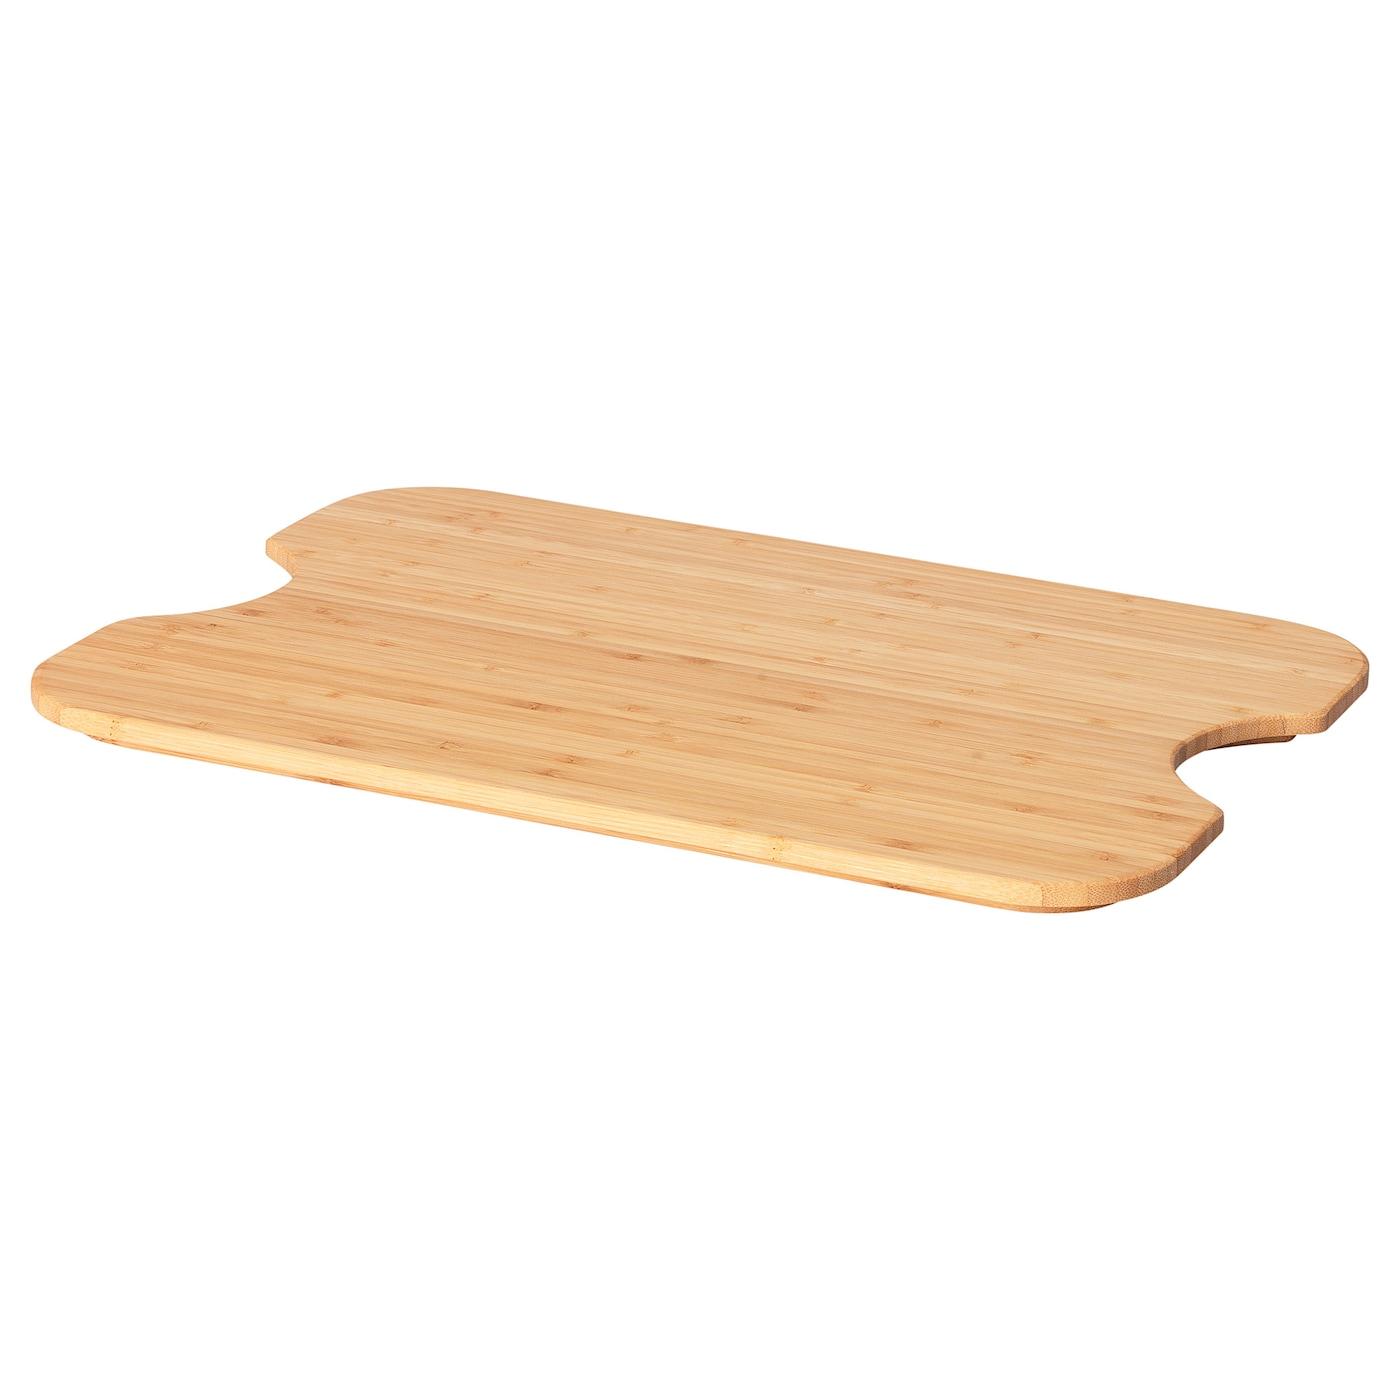 HÖGSMA Tabla de cortar bambú 42x31 cm